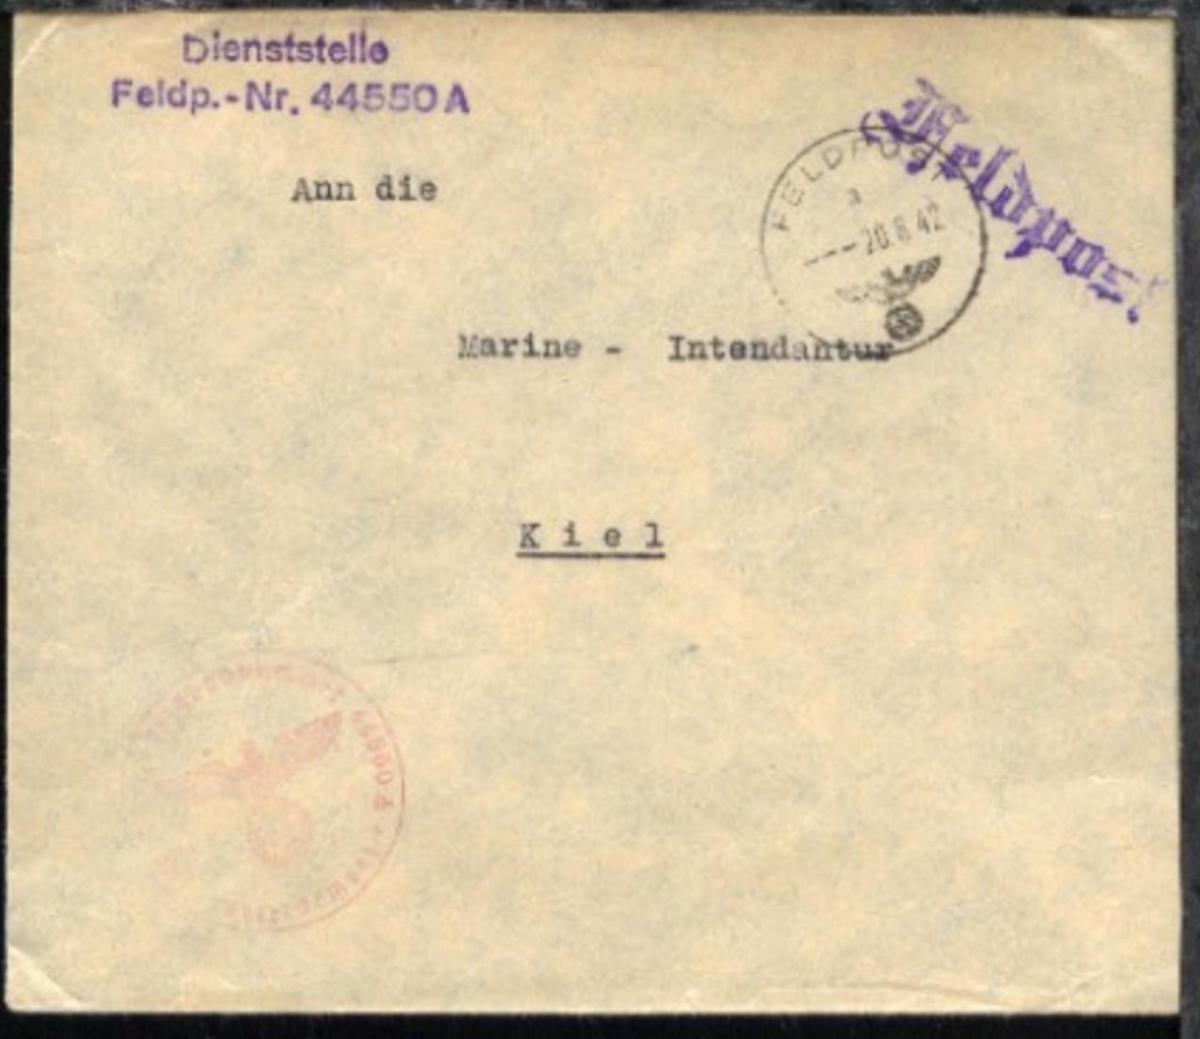 FP a 20.8.42 + Dienststellen-L3 + BfSt. 44550A (Admiral Ägäis) auf Dienst-Bf. 0